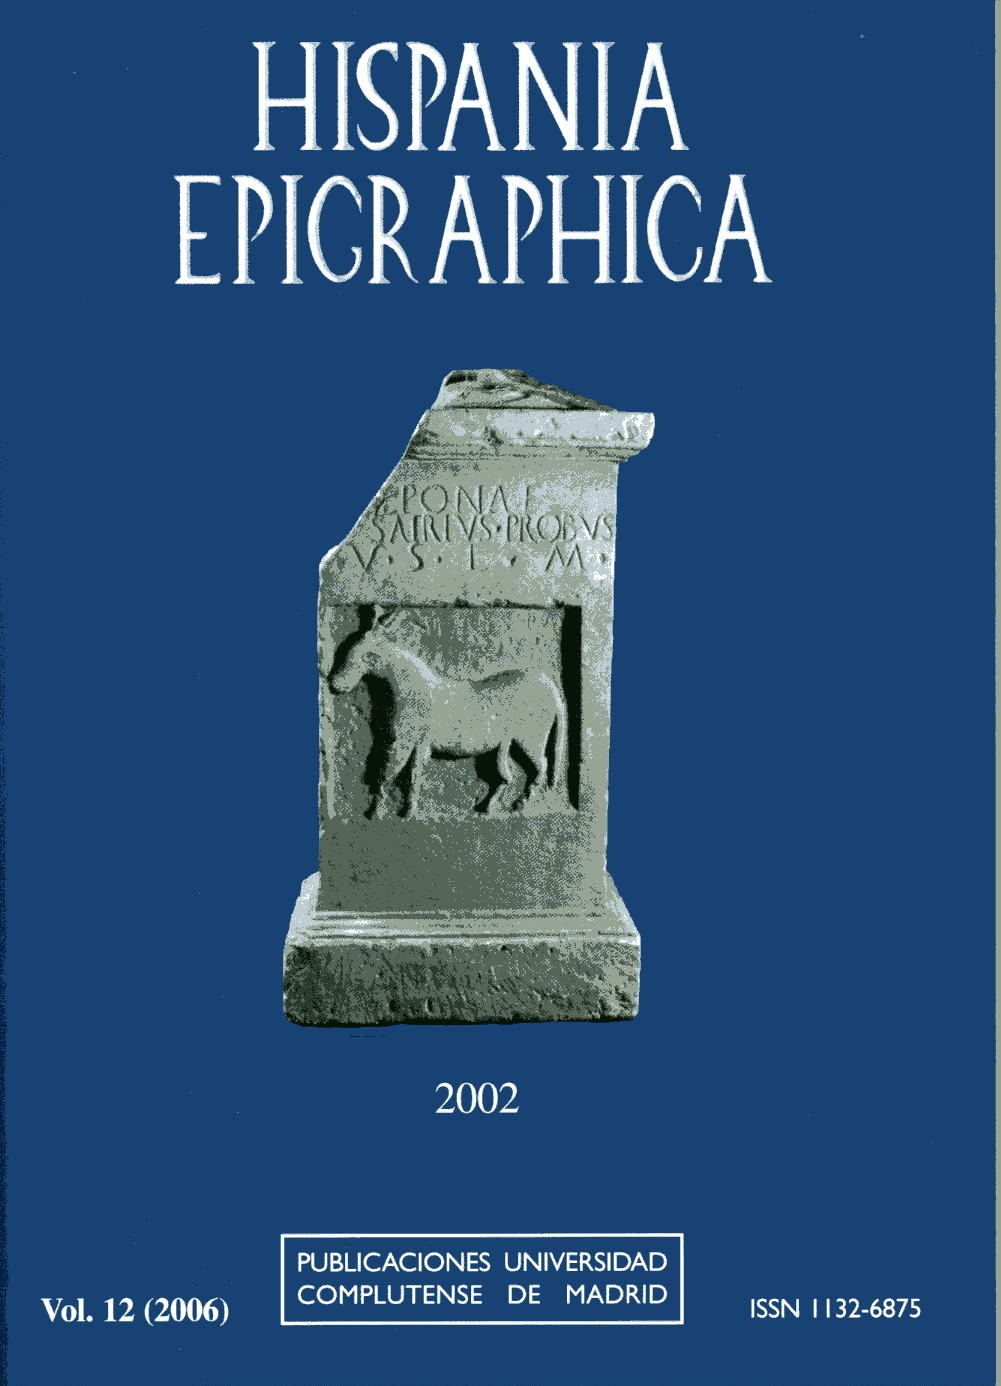 Cubierta Hispania Epigraphica vol 12